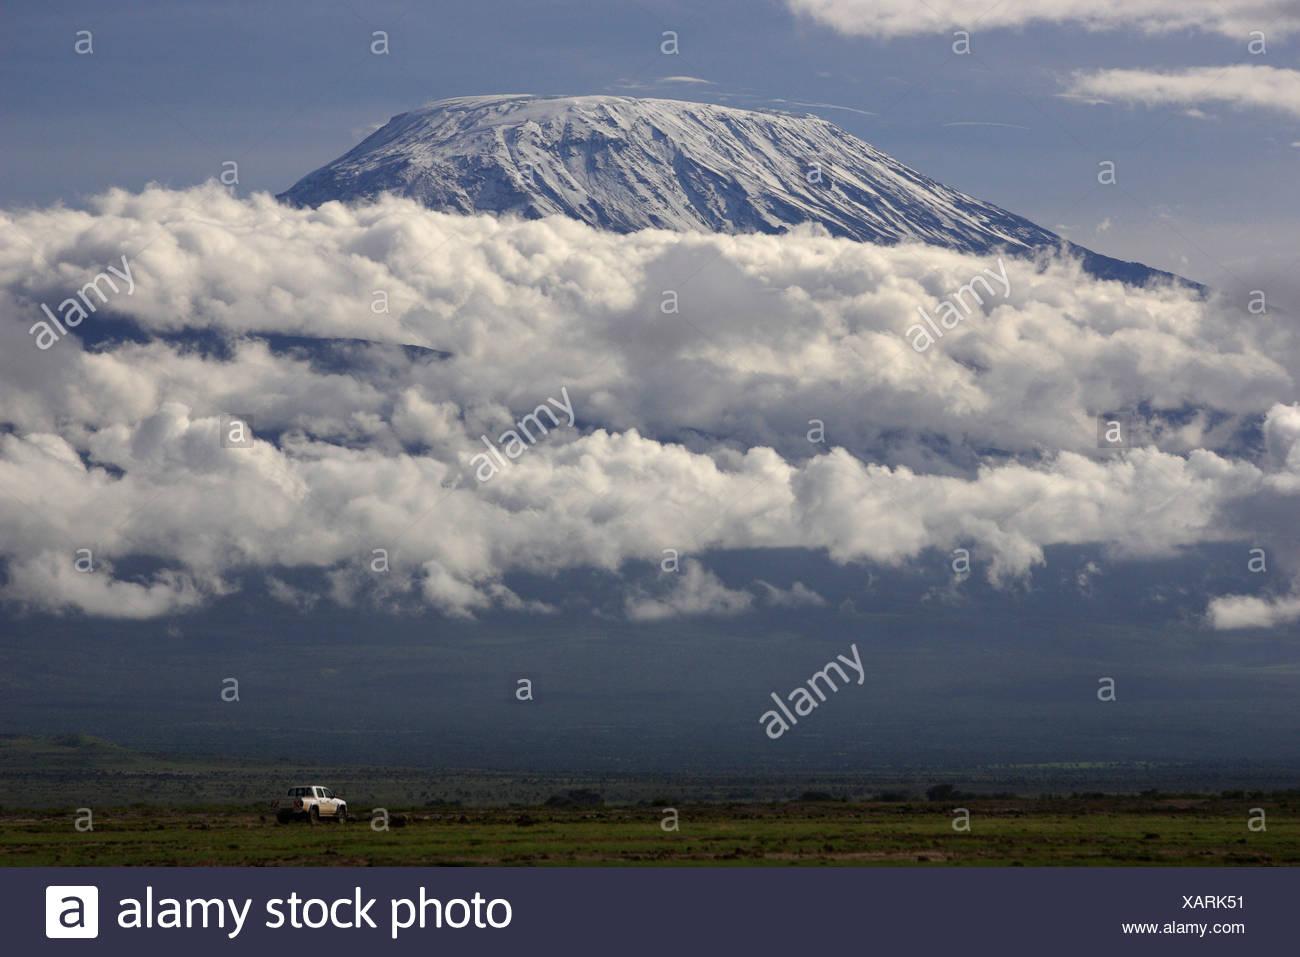 MOUNT KILIMANJARO. Amboseli NP. Kenya - Stock Image